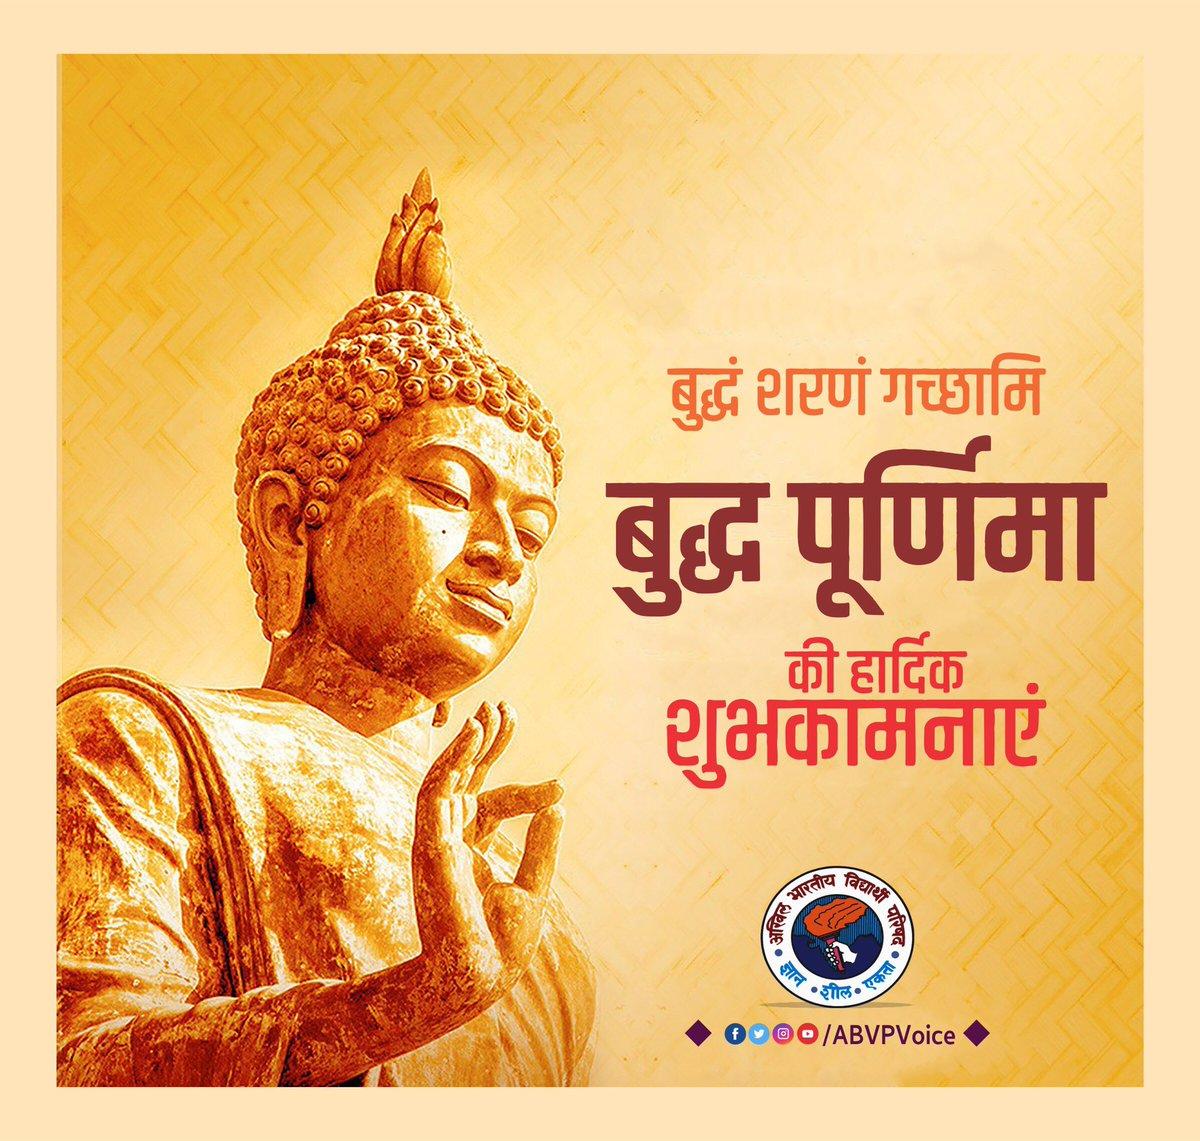 सब्ब पापस्स अकरणं, कुसलस्स उपसम्पदा। सचित्तपरियोदपनं, एतं बुद्धान सासनं॥  पाप का विनाश, पुण्य का संपादन और स्वचित्त की शुद्धि यही बुद्ध का मार्ग है।  आप सभी को बुद्ध पूर्णिमा की हार्दिक शुभकामनाएँ!  #BuddhPurnima